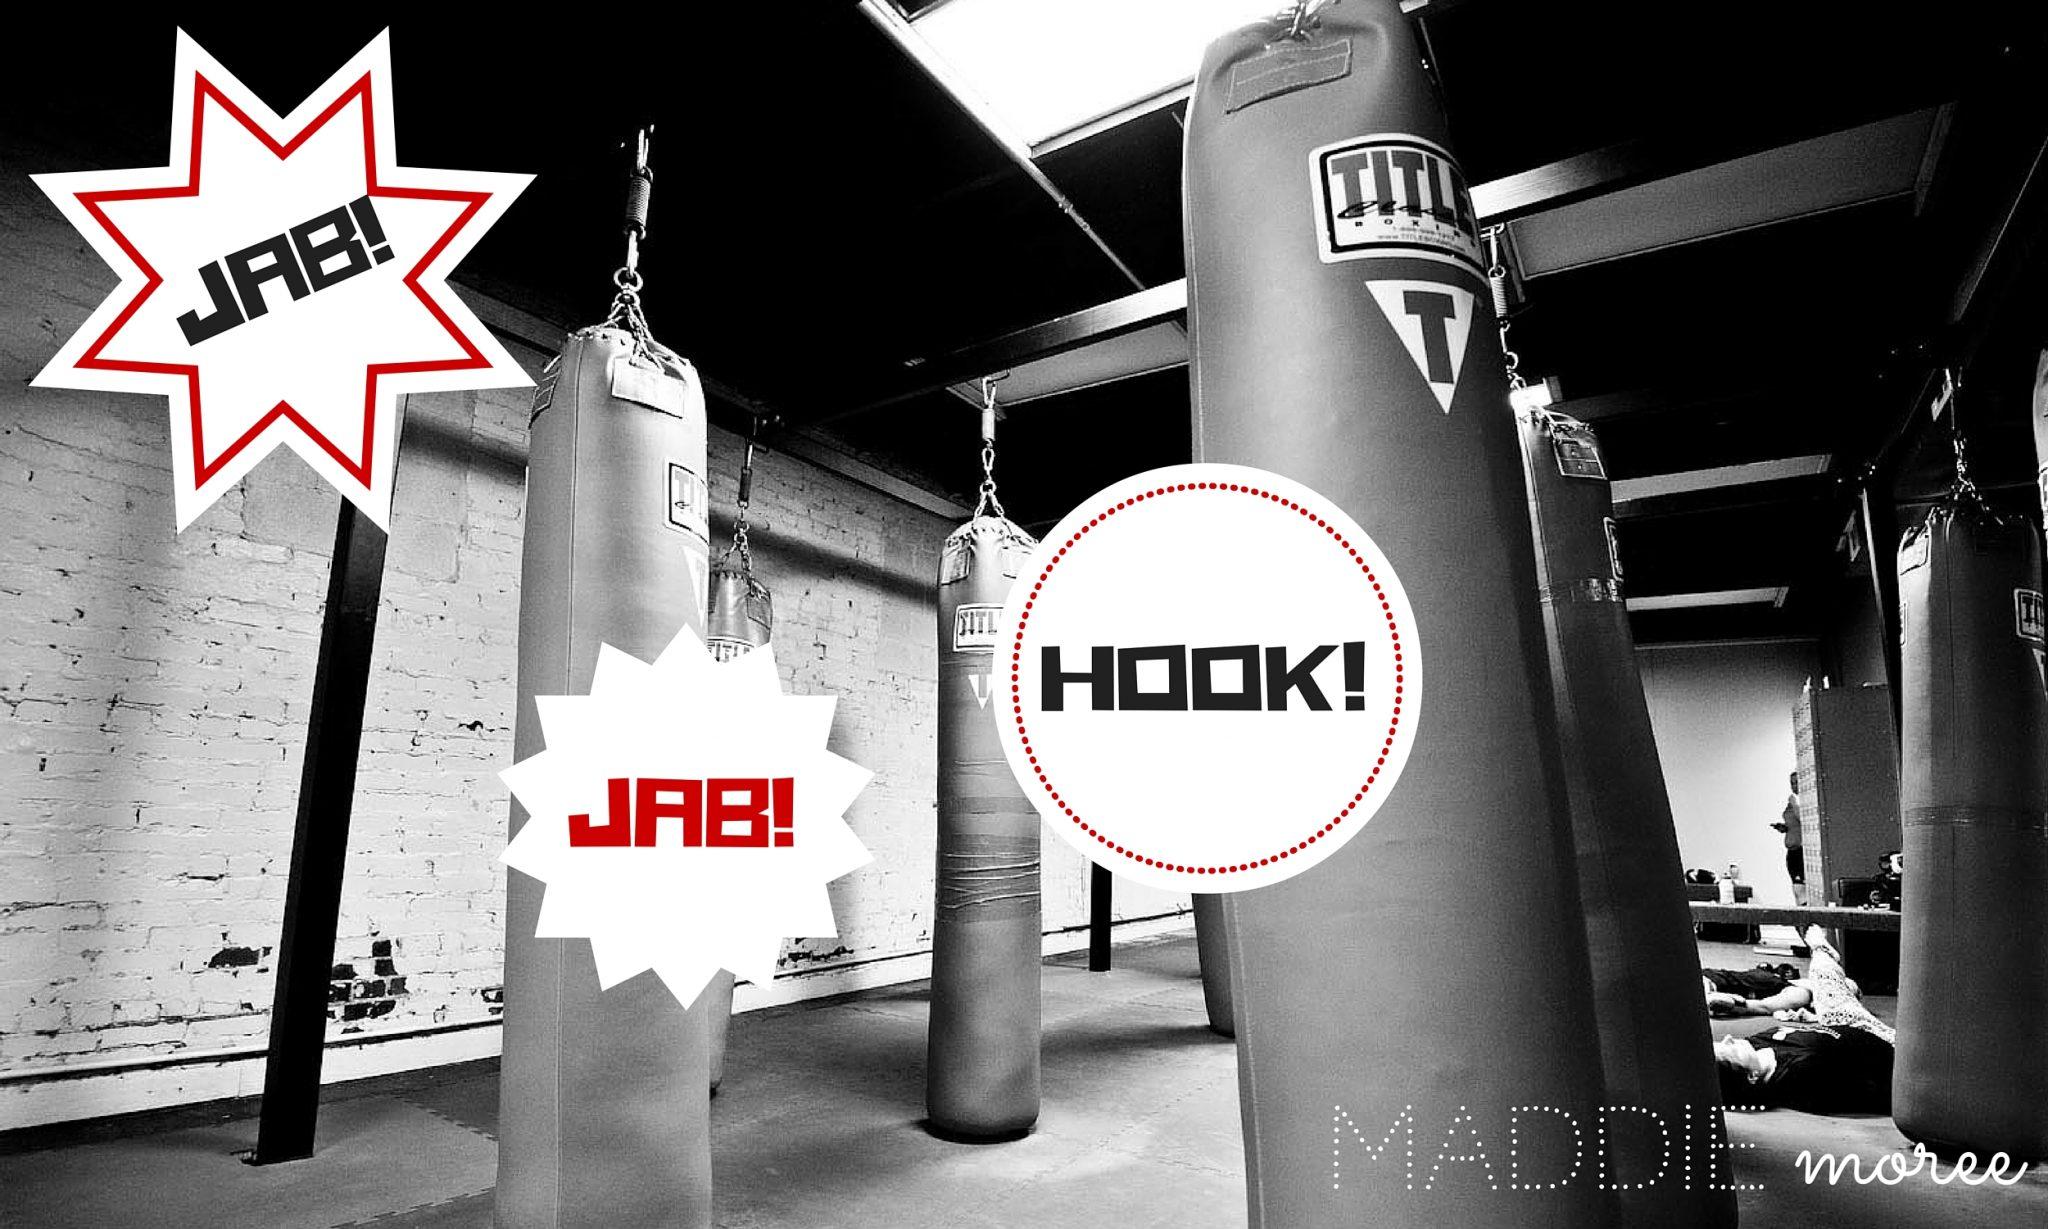 October Fitness Challenge: Jab, Jab, HOOK!